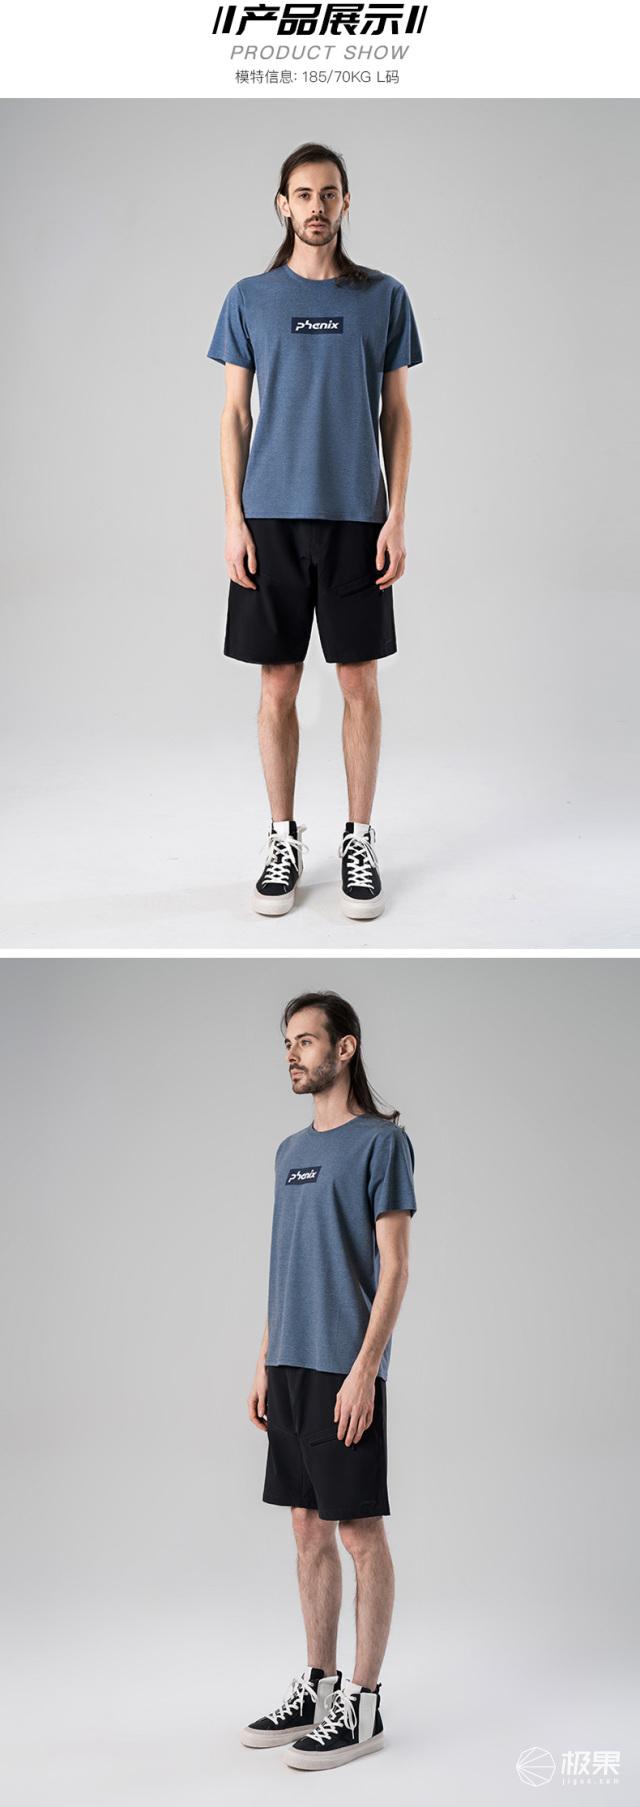 凤凰(phenix)消臭抑菌收纳袋+魔力消臭速干T恤